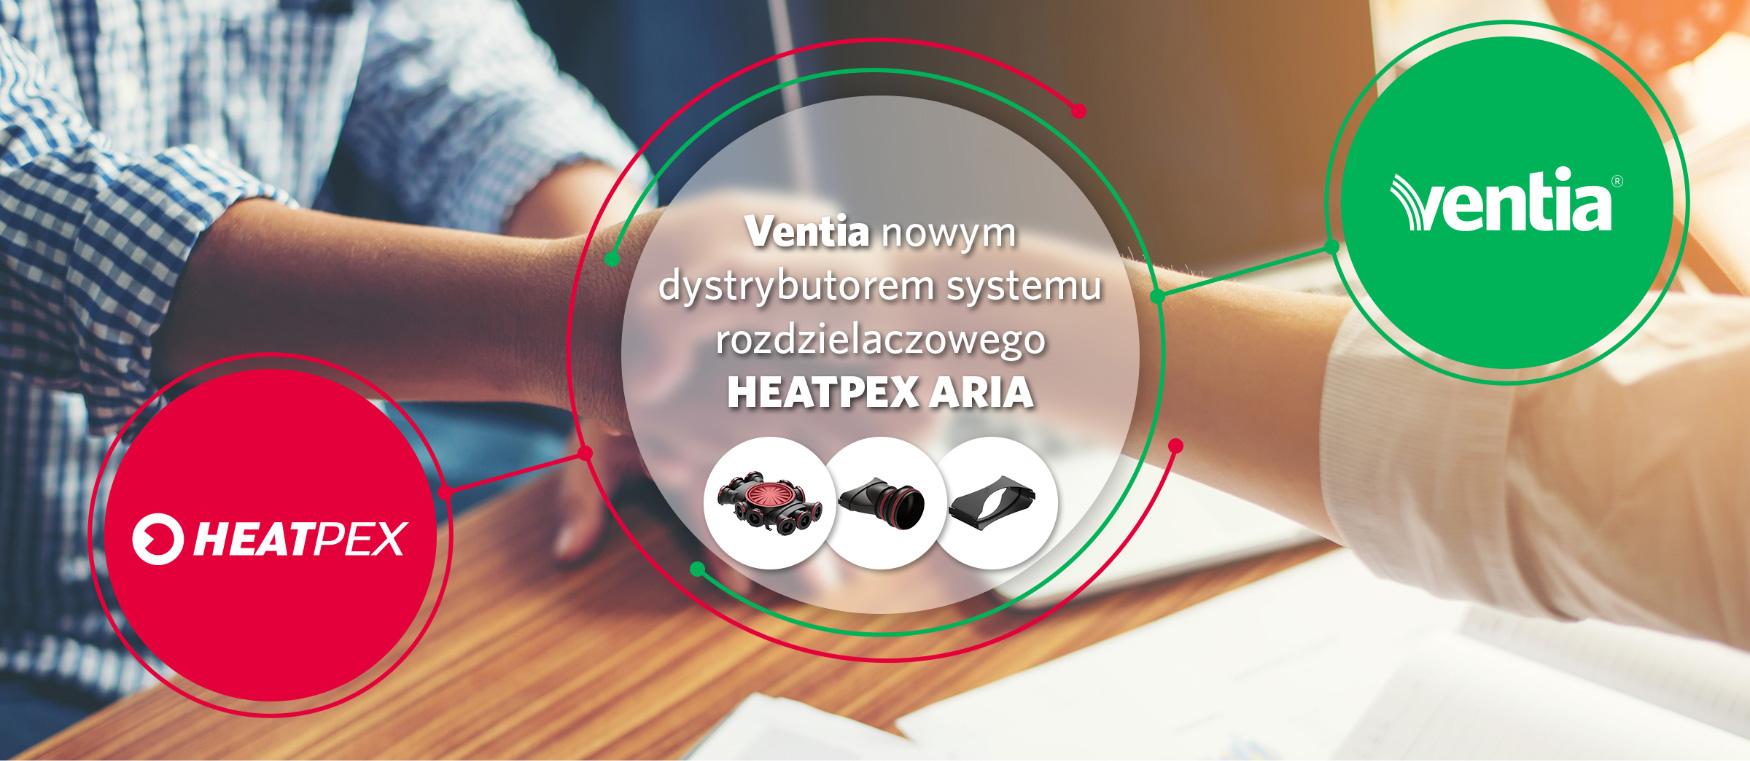 Ventia nowym dystrybutorem systemu rozdzielaczowego HEATPEX ARIA